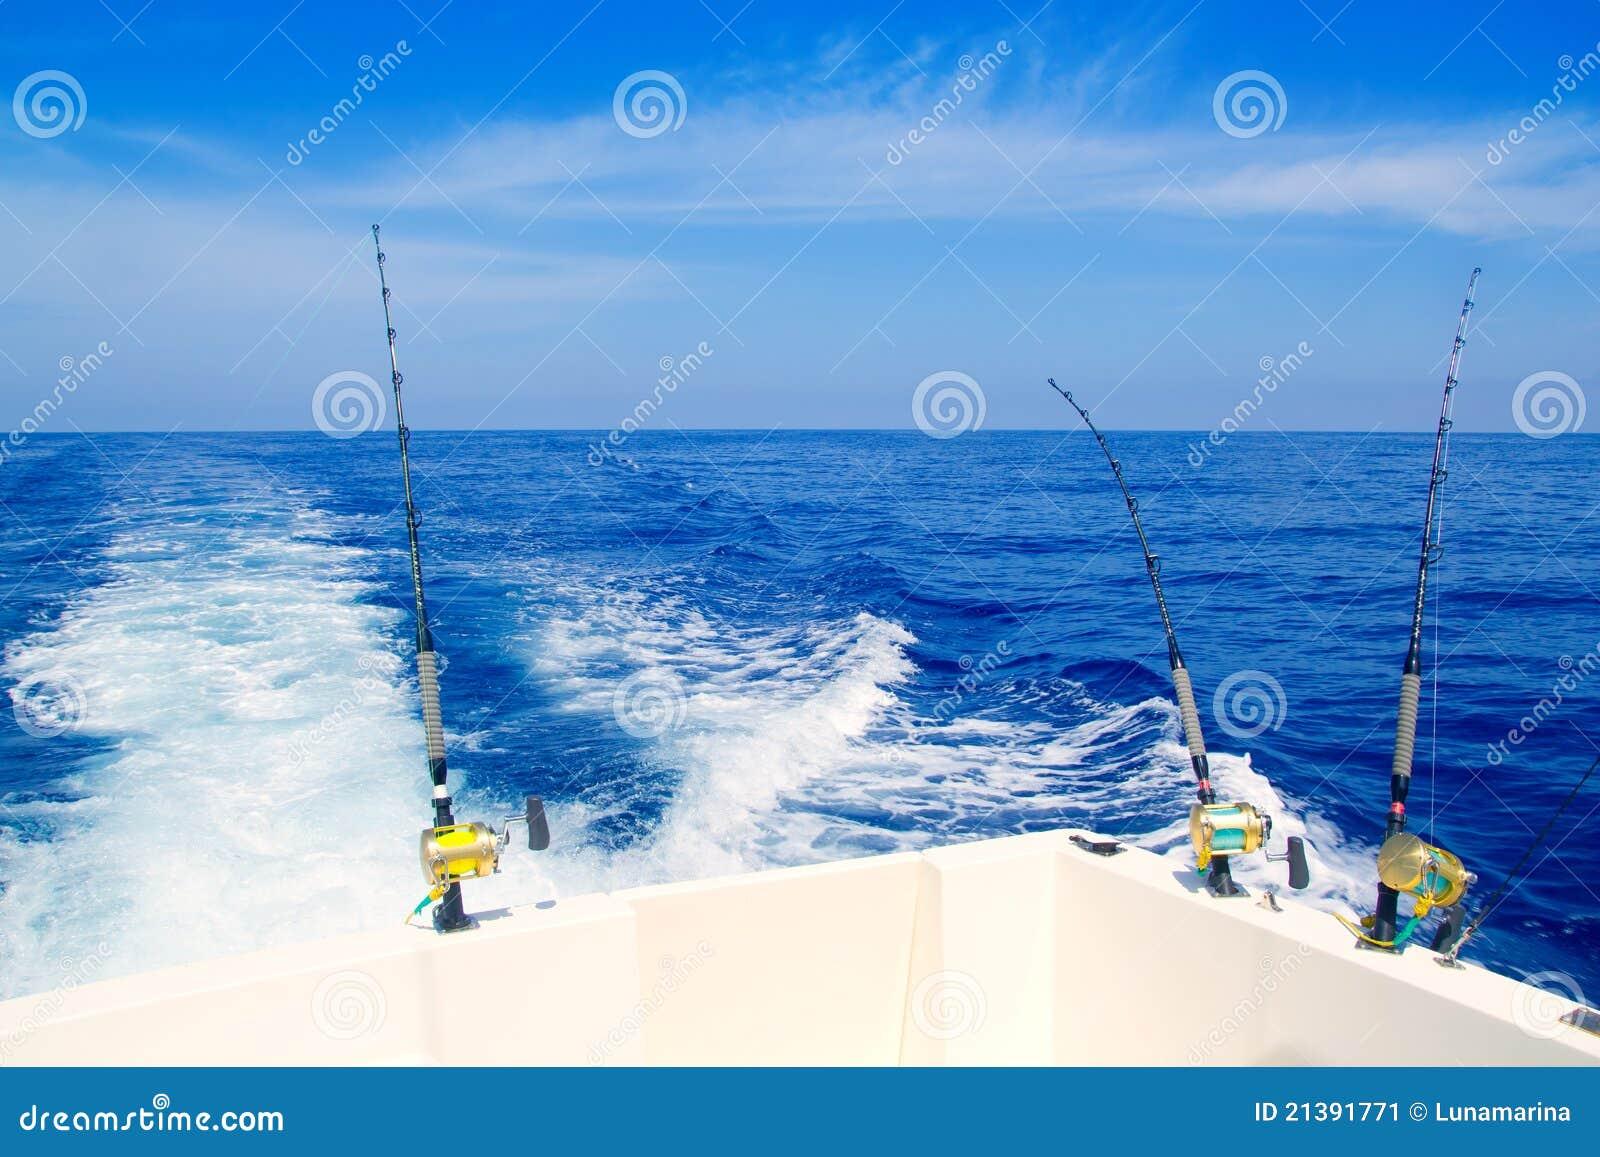 De visserij van de boot het met een sleeplijn vissen in diepe blauwe overzees